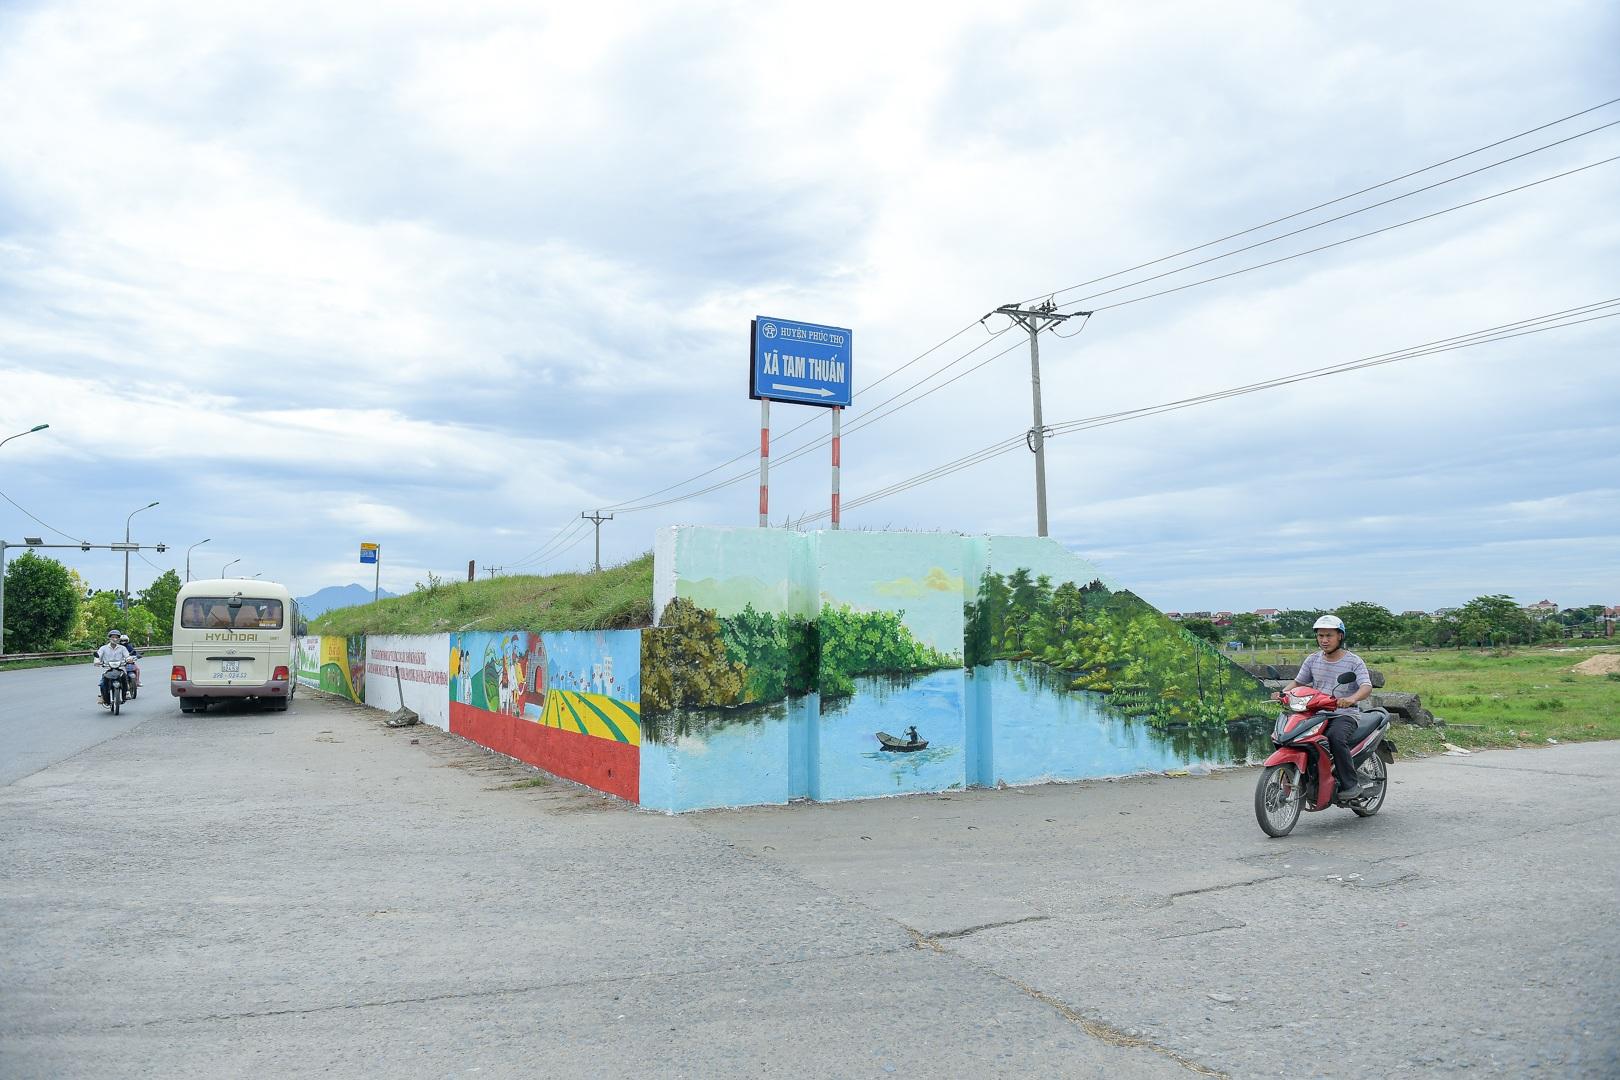 Con đường bích họa dài hơn 2 km ở ngoại thành Hà Nội - 2